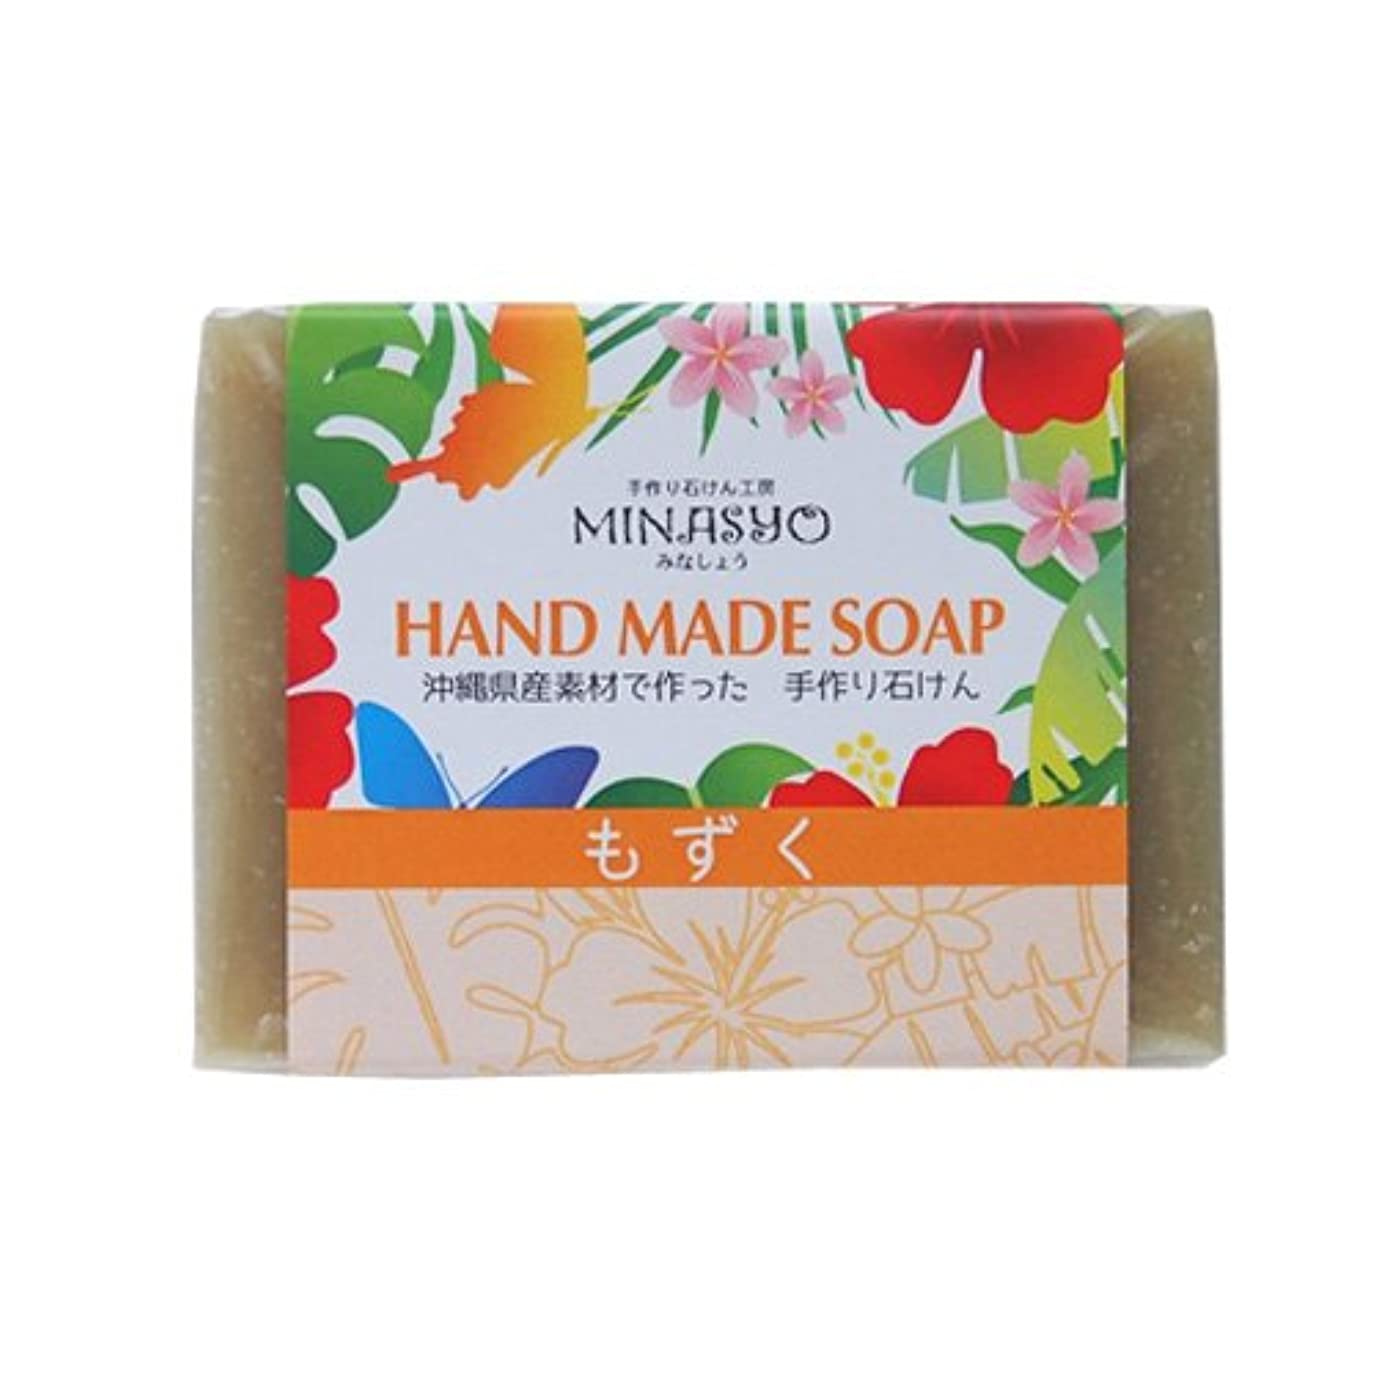 ぺディカブ厚いスピン洗顔石鹸 固形 無添加 保湿 敏感肌 乾燥肌 手作りもずく石鹸